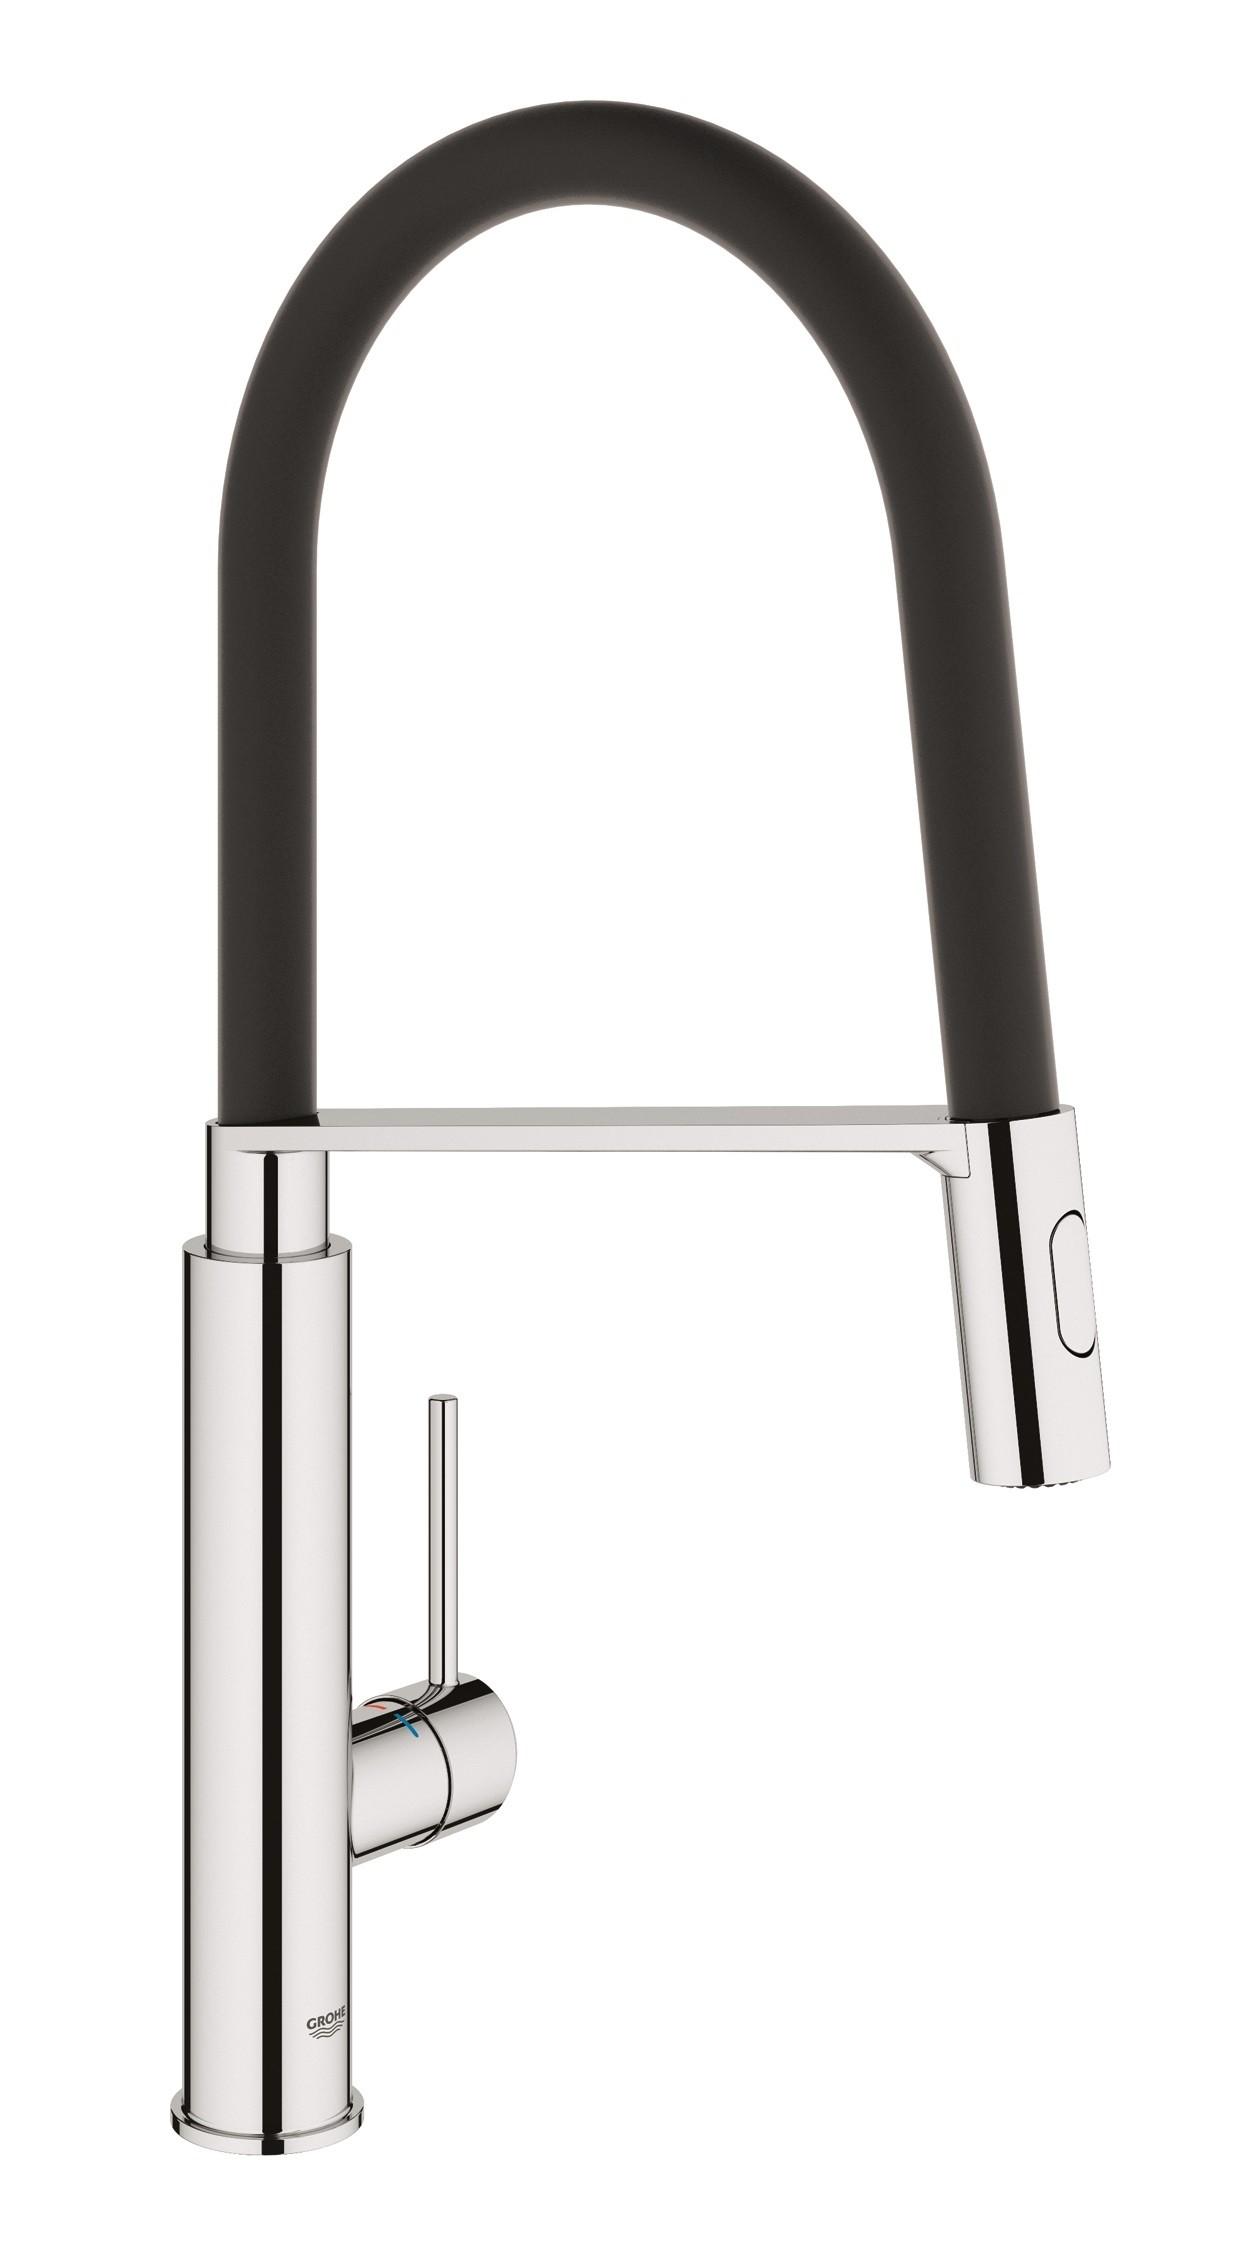 Hervorragend GROHE Concetto Einhebel-Küchenarmatur XL-Size mit ausziehbarer MO02